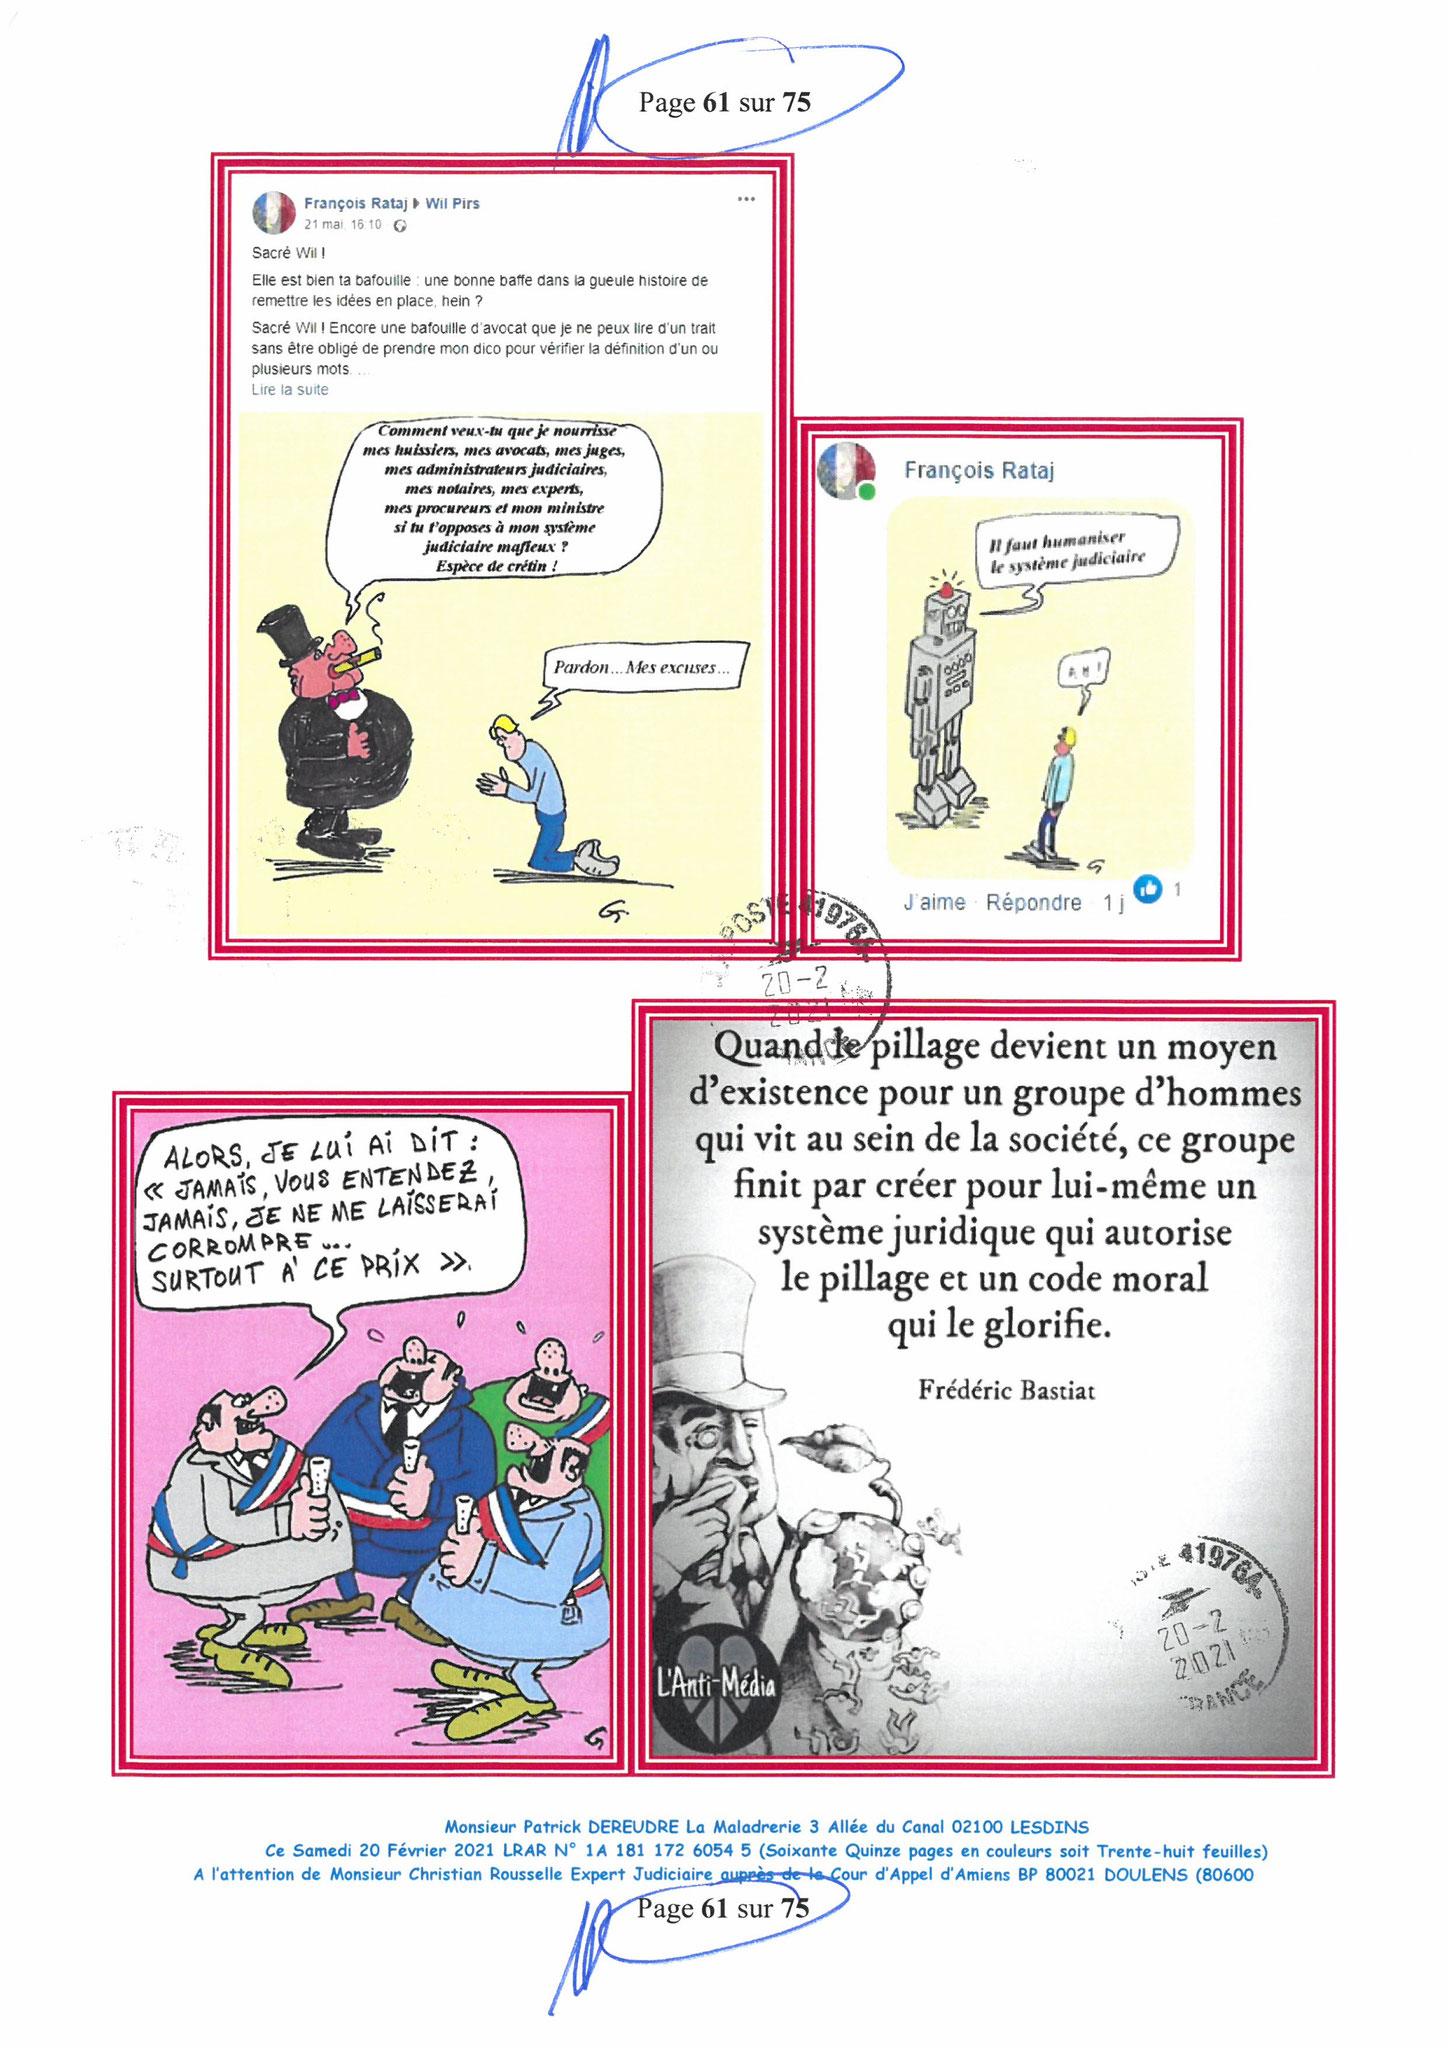 Page 61 Ma  Lettre Recommandée à Monsieur Christian ROUSSELLE Expert Judiciaire auprès de la Cour d'Appel d'Amiens Affaire MES CHERS VOISINS nos  www.jenesuispasunchien.fr www.jesuisvictime.fr www.jesuispatrick.fr PARJURE & CORRUPTION JUSTICE REPUBLIQUE